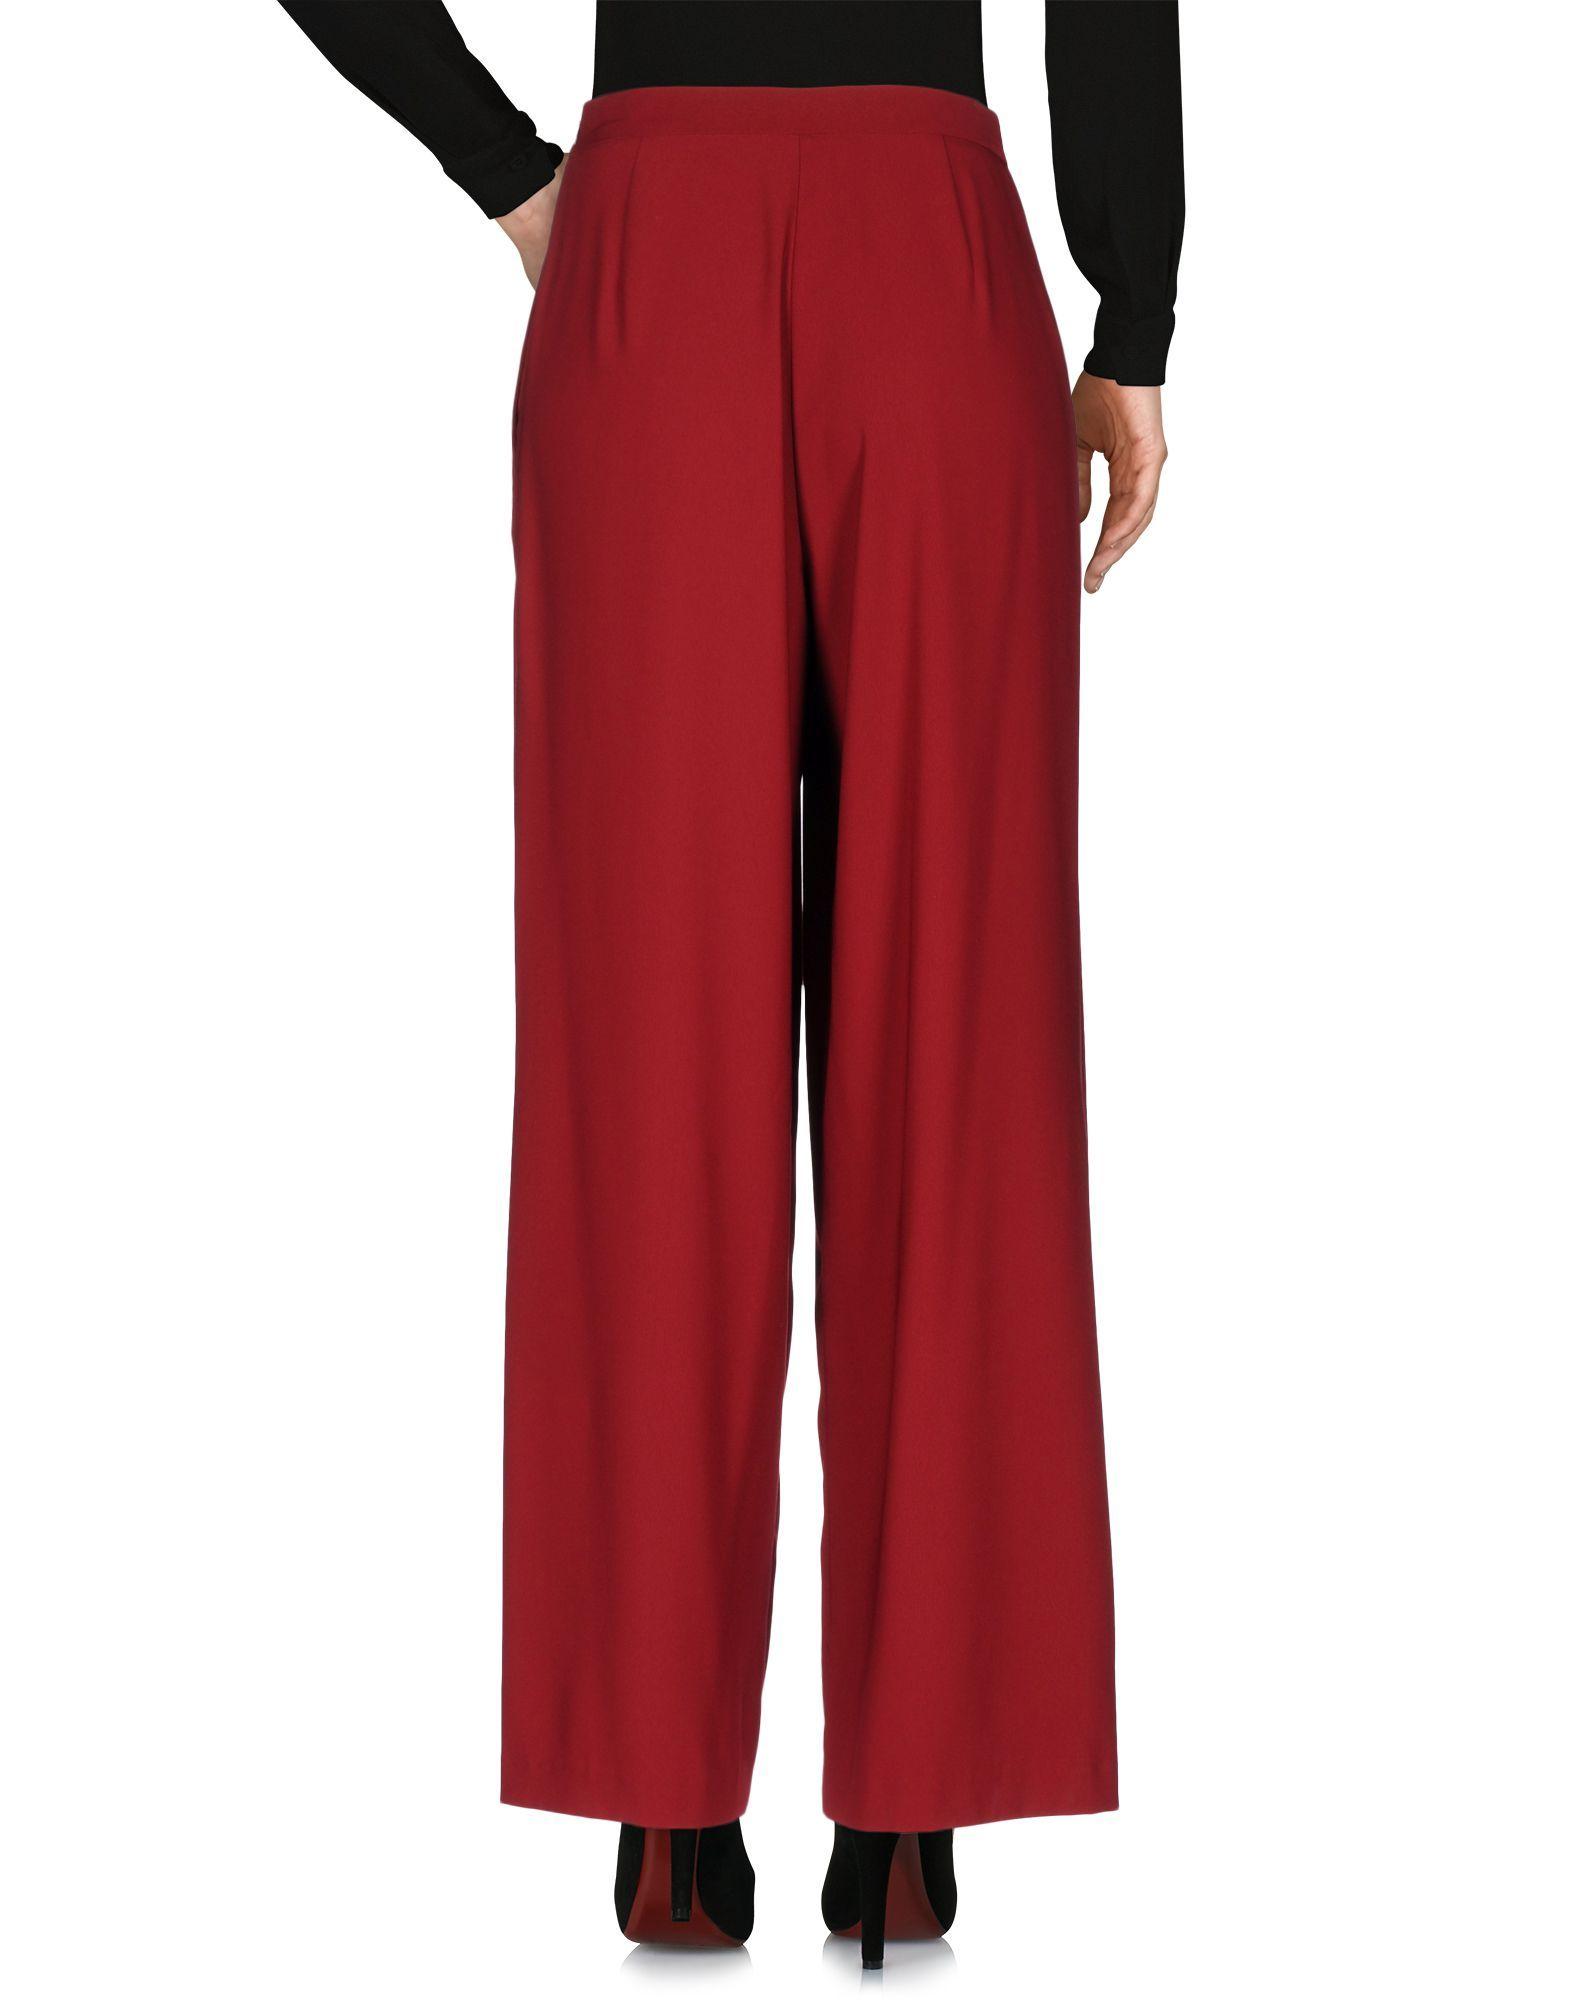 Jucca Maroon Wide Leg Trousers